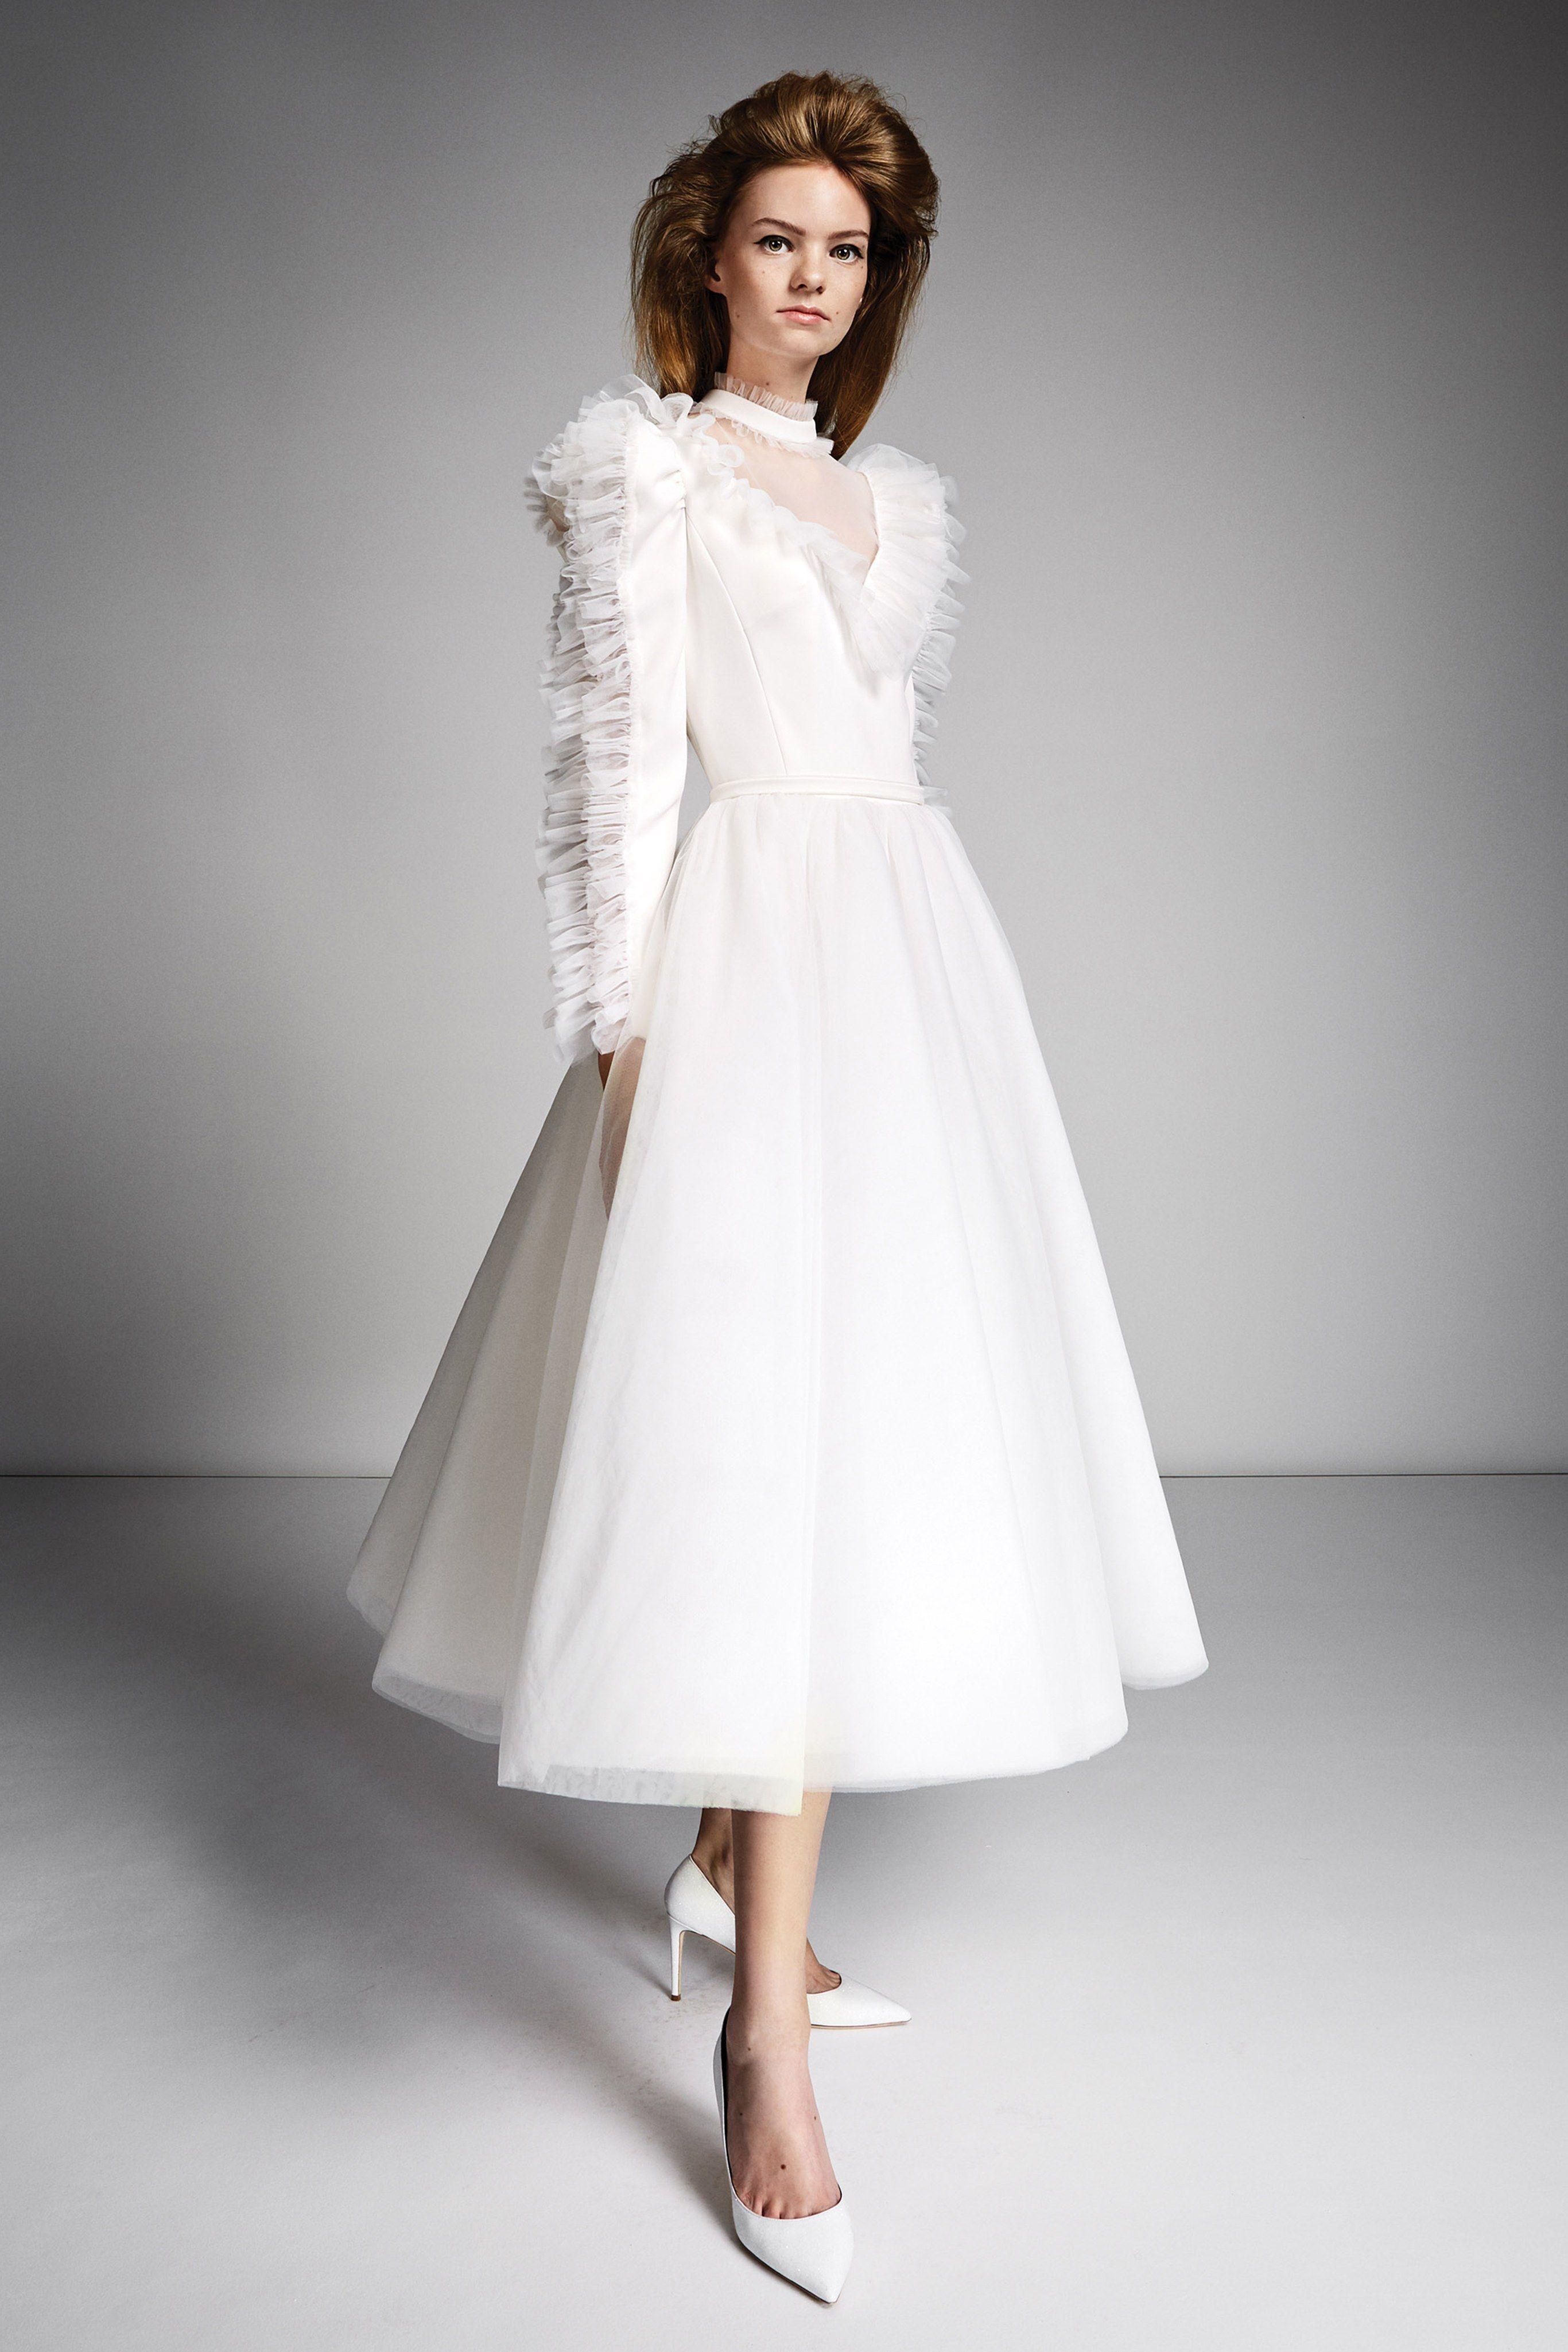 8a19cc9afc 80 Short Wedding Dresses - Tea Length and Knee Length White Wedding Dress  Ideas